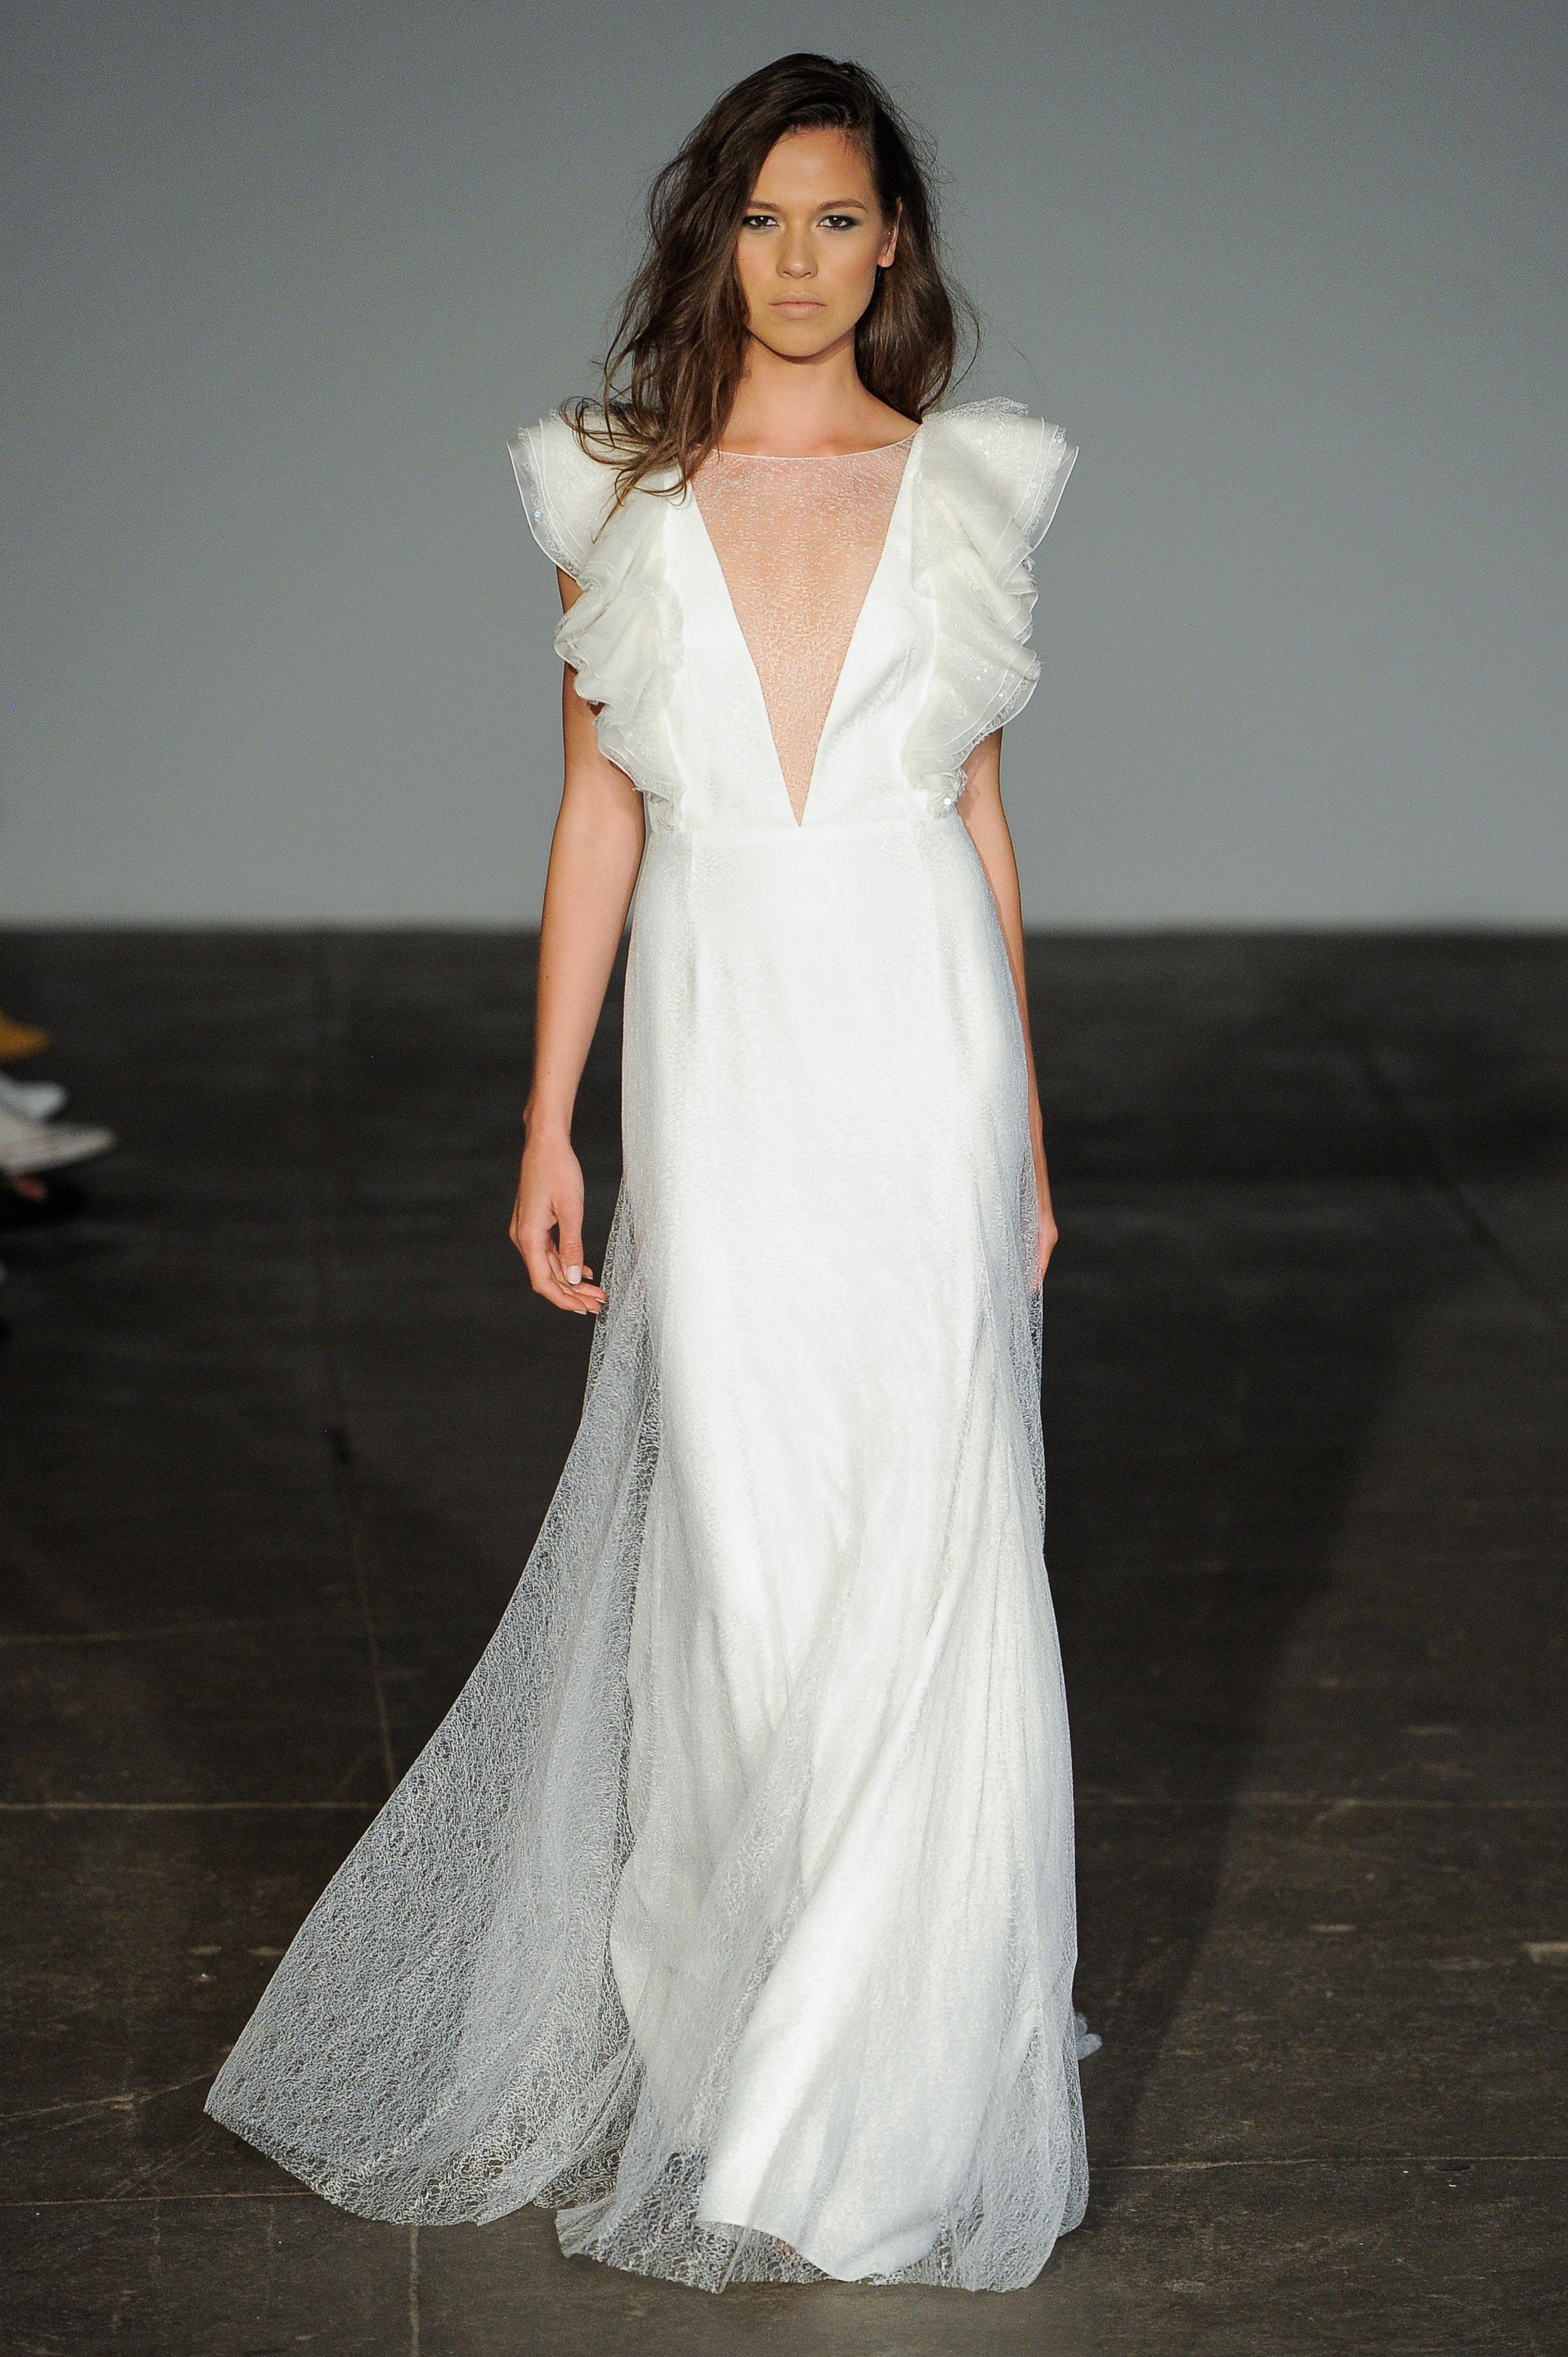 rime arodaky fall 2018 v-neck flutter sleeve wedding dress